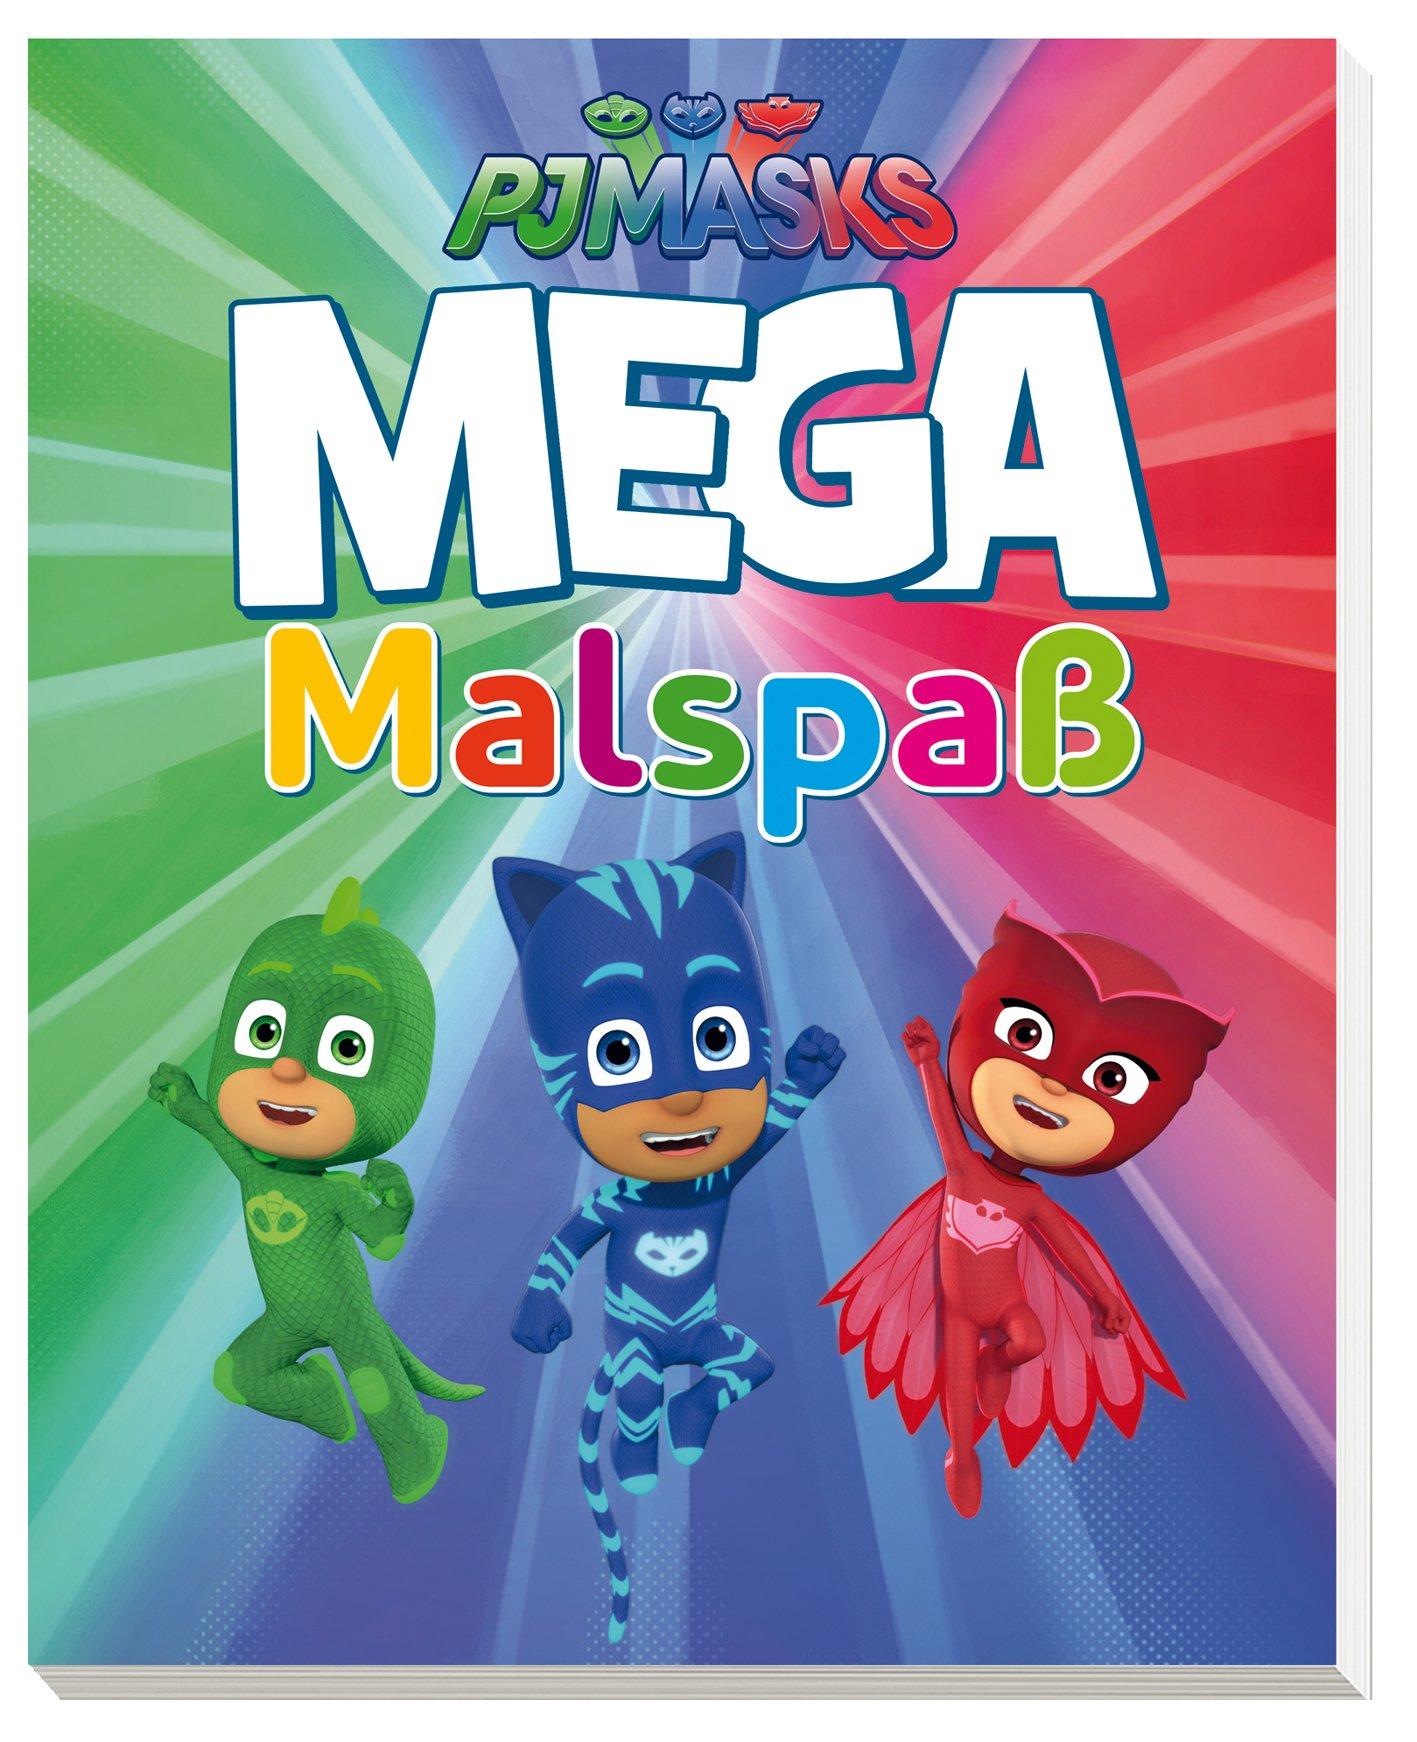 PJ Masks MEGA Malspaß: Amazon.es: Libros en idiomas extranjeros